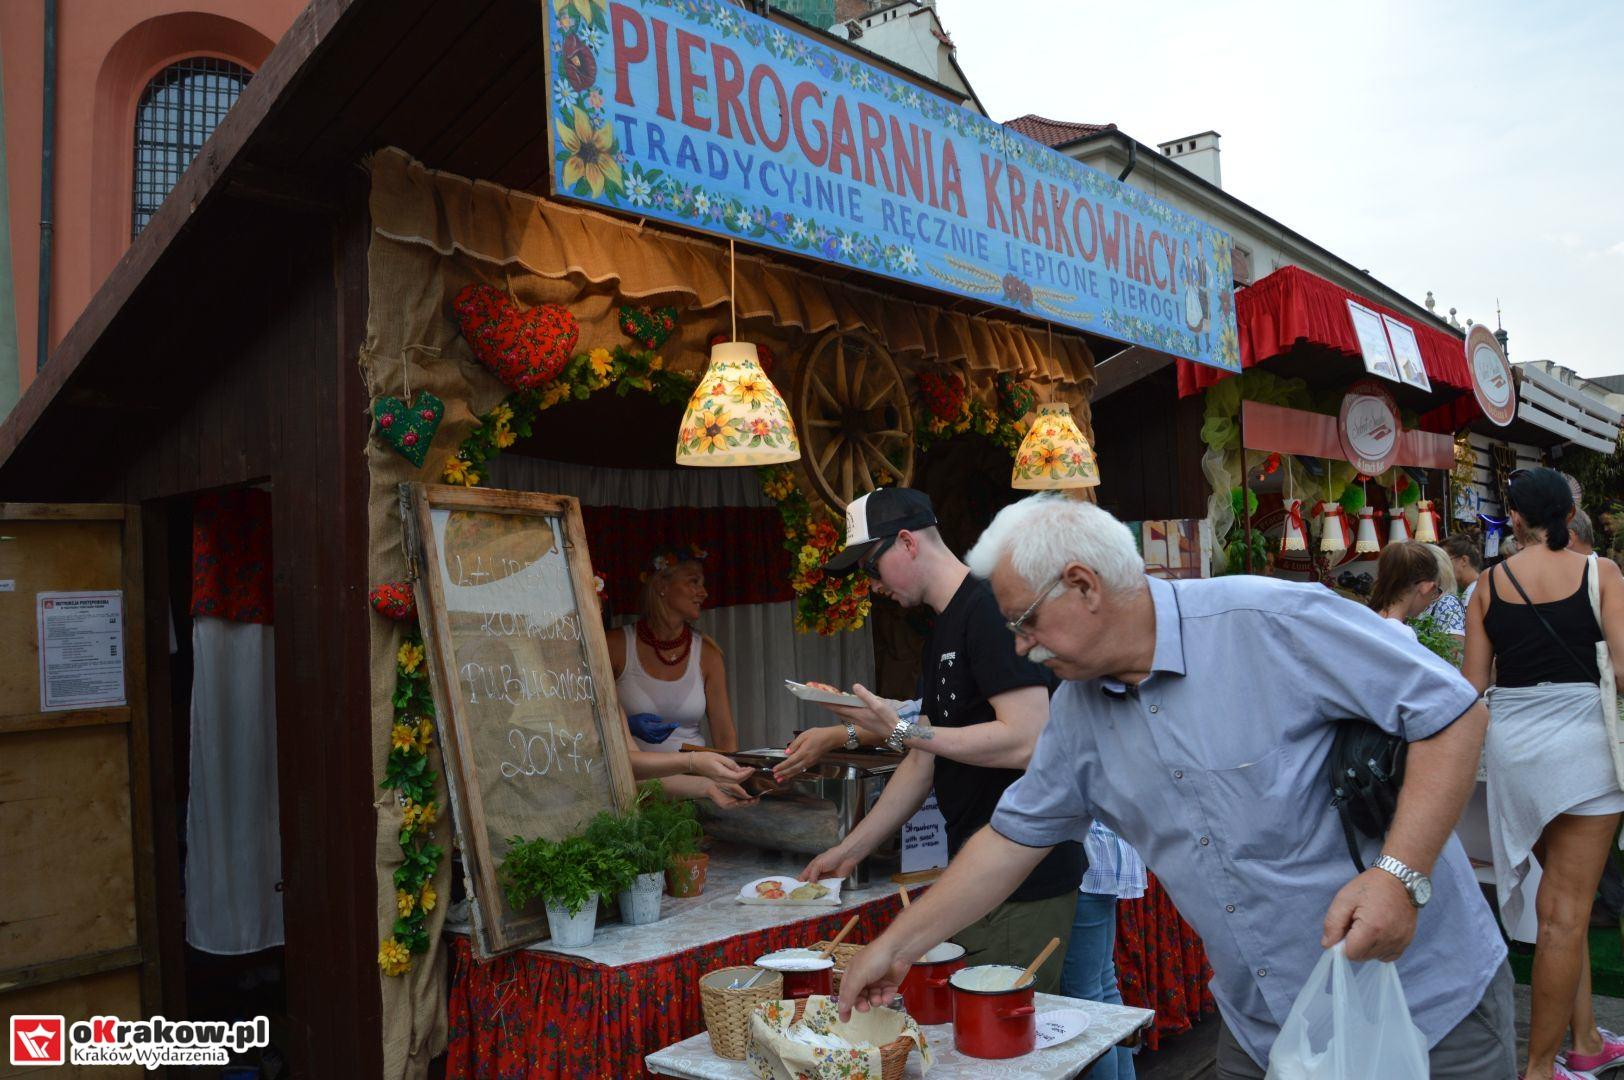 krakow festiwal pierogow maly rynek koncert cheap tobacco 10 150x150 - Galeria zdjęć Festiwal Pierogów Kraków 2018 + zdjęcia z koncertu Cheap Tobacco